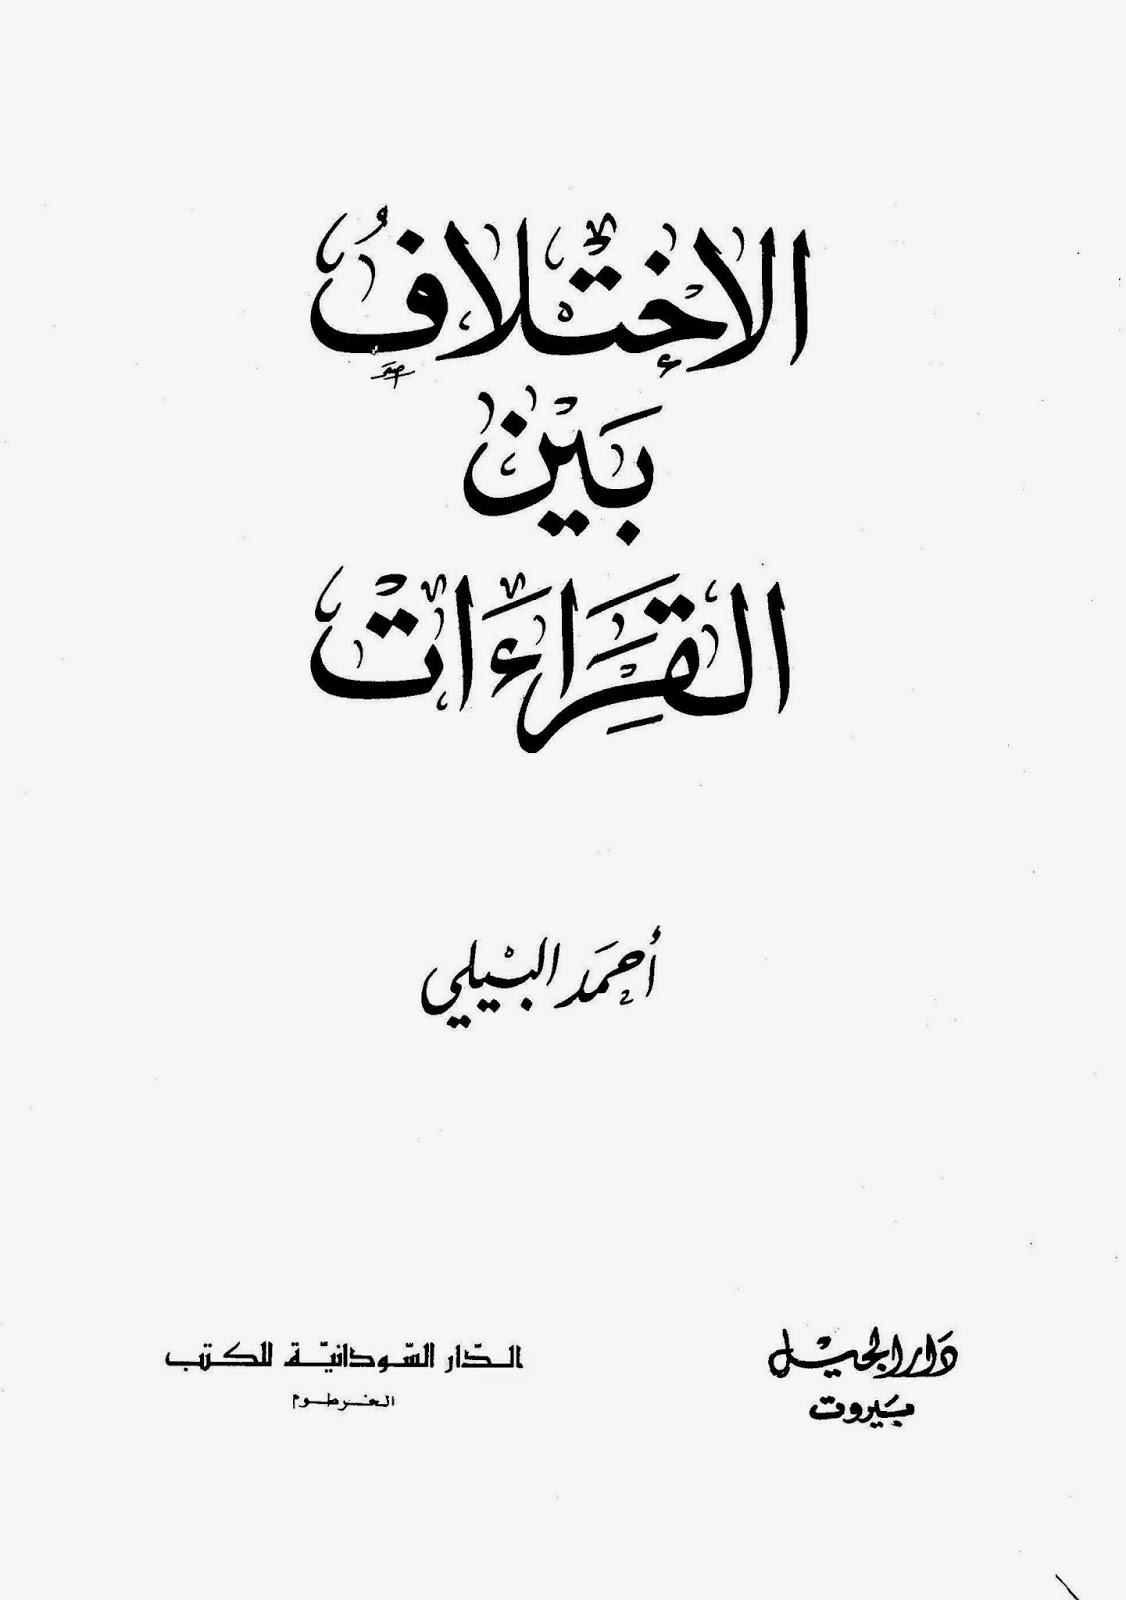 الاختلاف بين القراءات - أحمد البيلي pdf